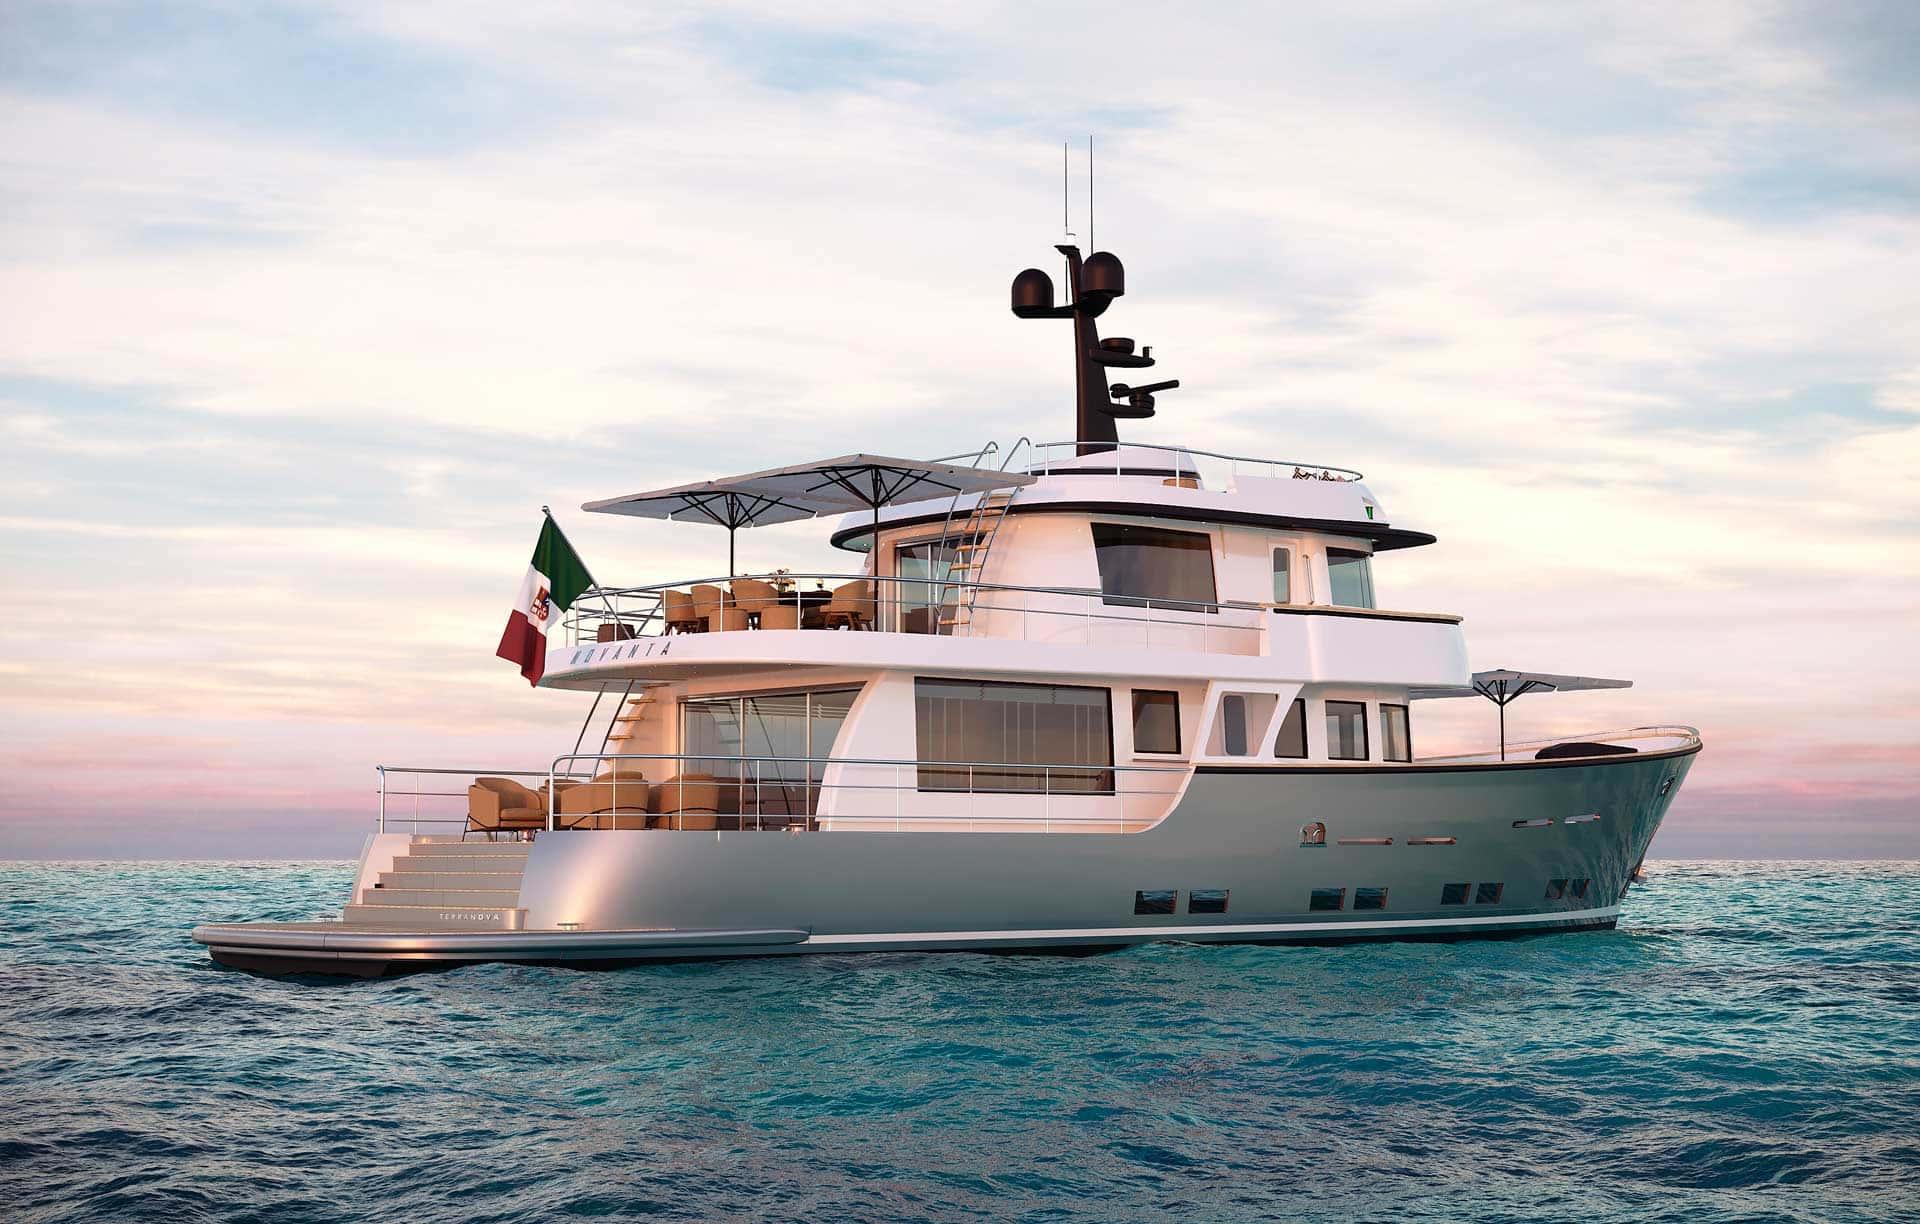 Vista laterale destra Yacht terranova T90 al tramonto